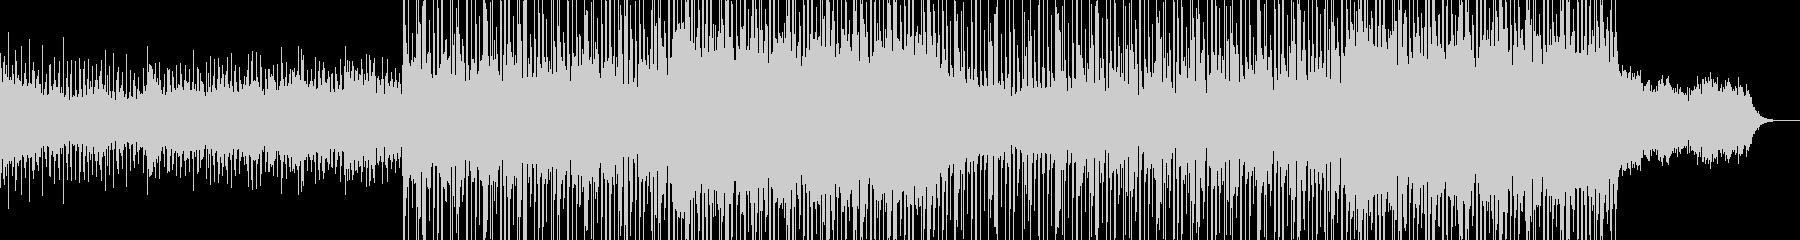 現代的で都会的なシンセミュージック-18の未再生の波形